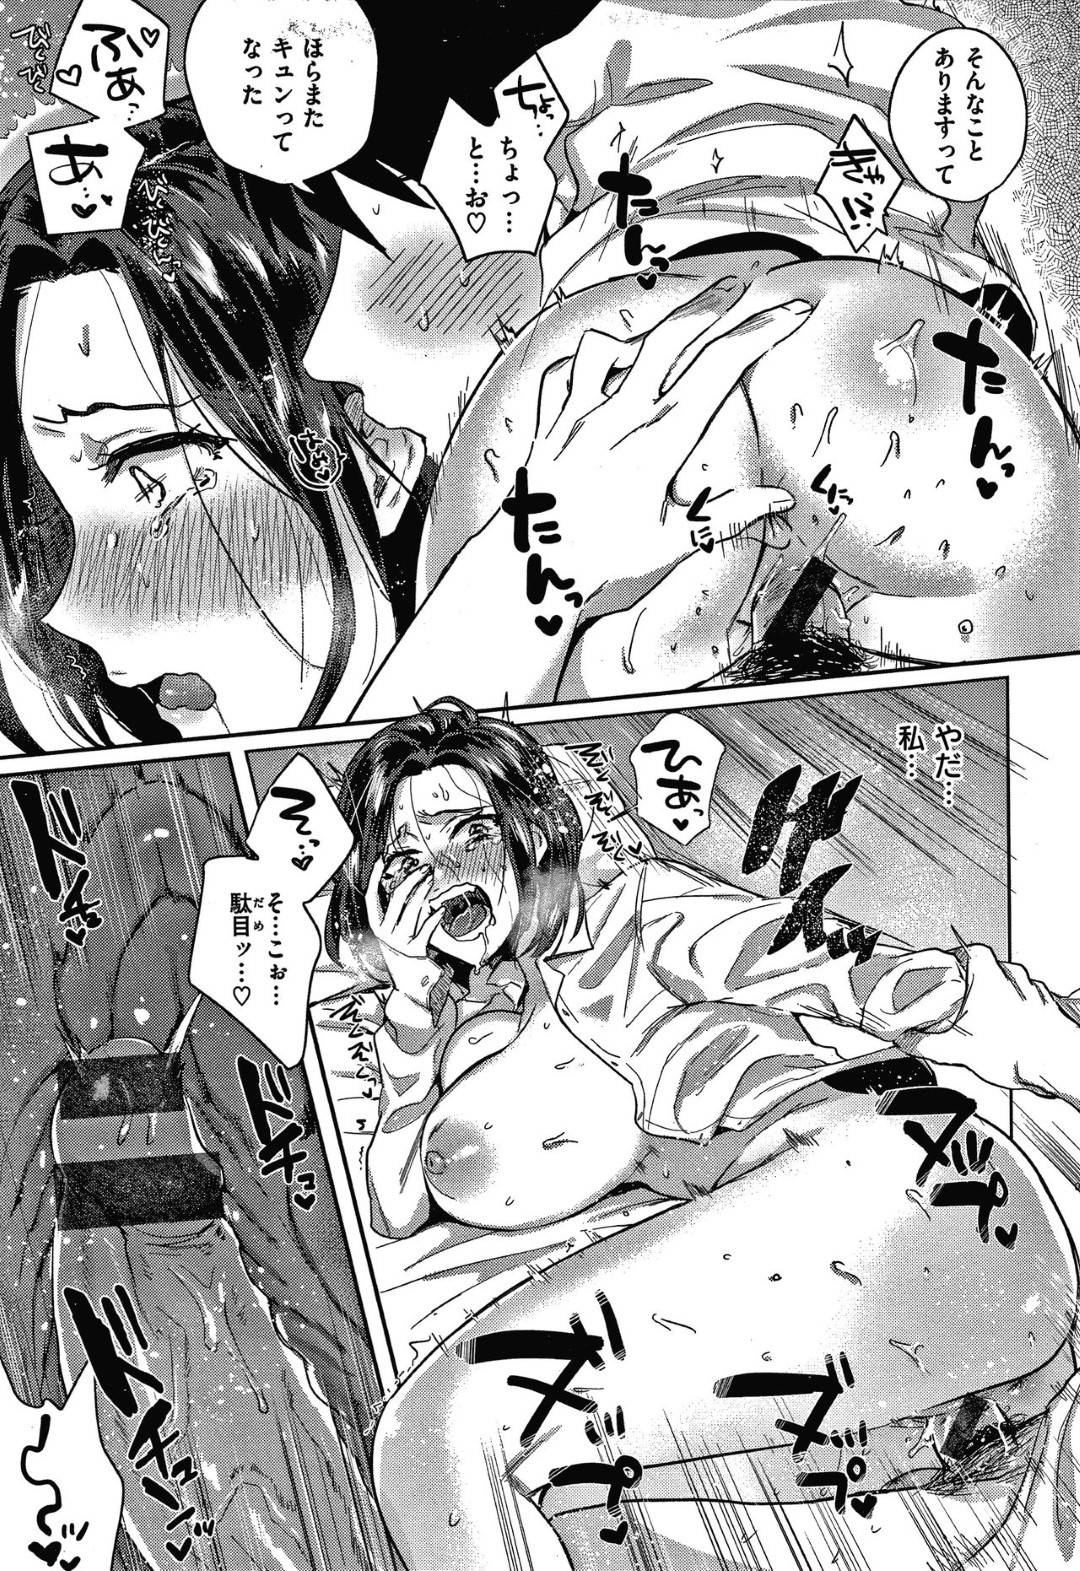 【エロ漫画】部下のミスで発生した残業が終わり身体を伸ばす巨乳女上司…肩と首が凝ったため部下にお礼代わりのマッサージをさせるが触られることで必要以上に身体が反応してしまう!【外山じごく】